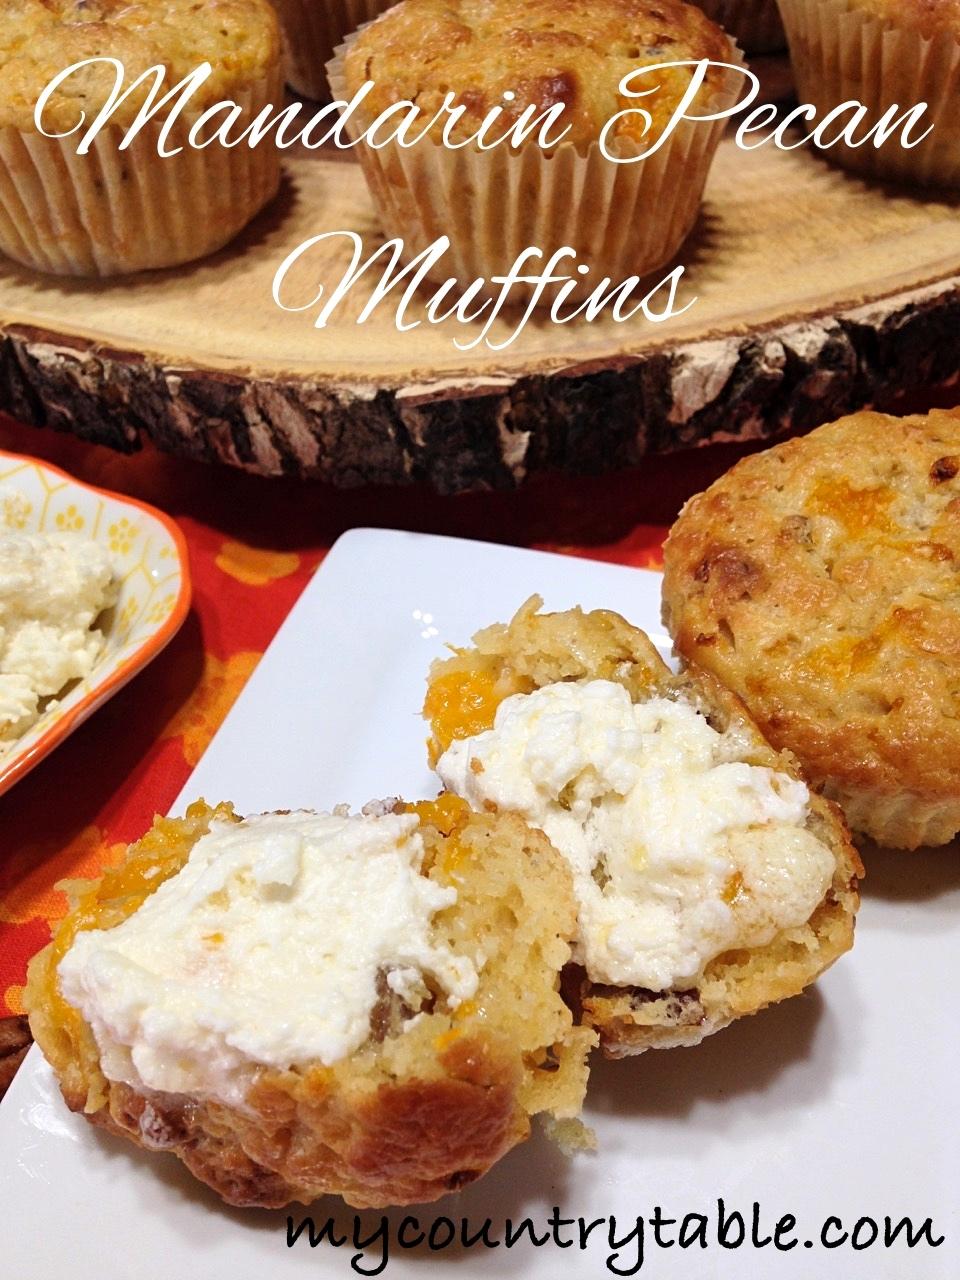 Mandarin Pecan Muffins